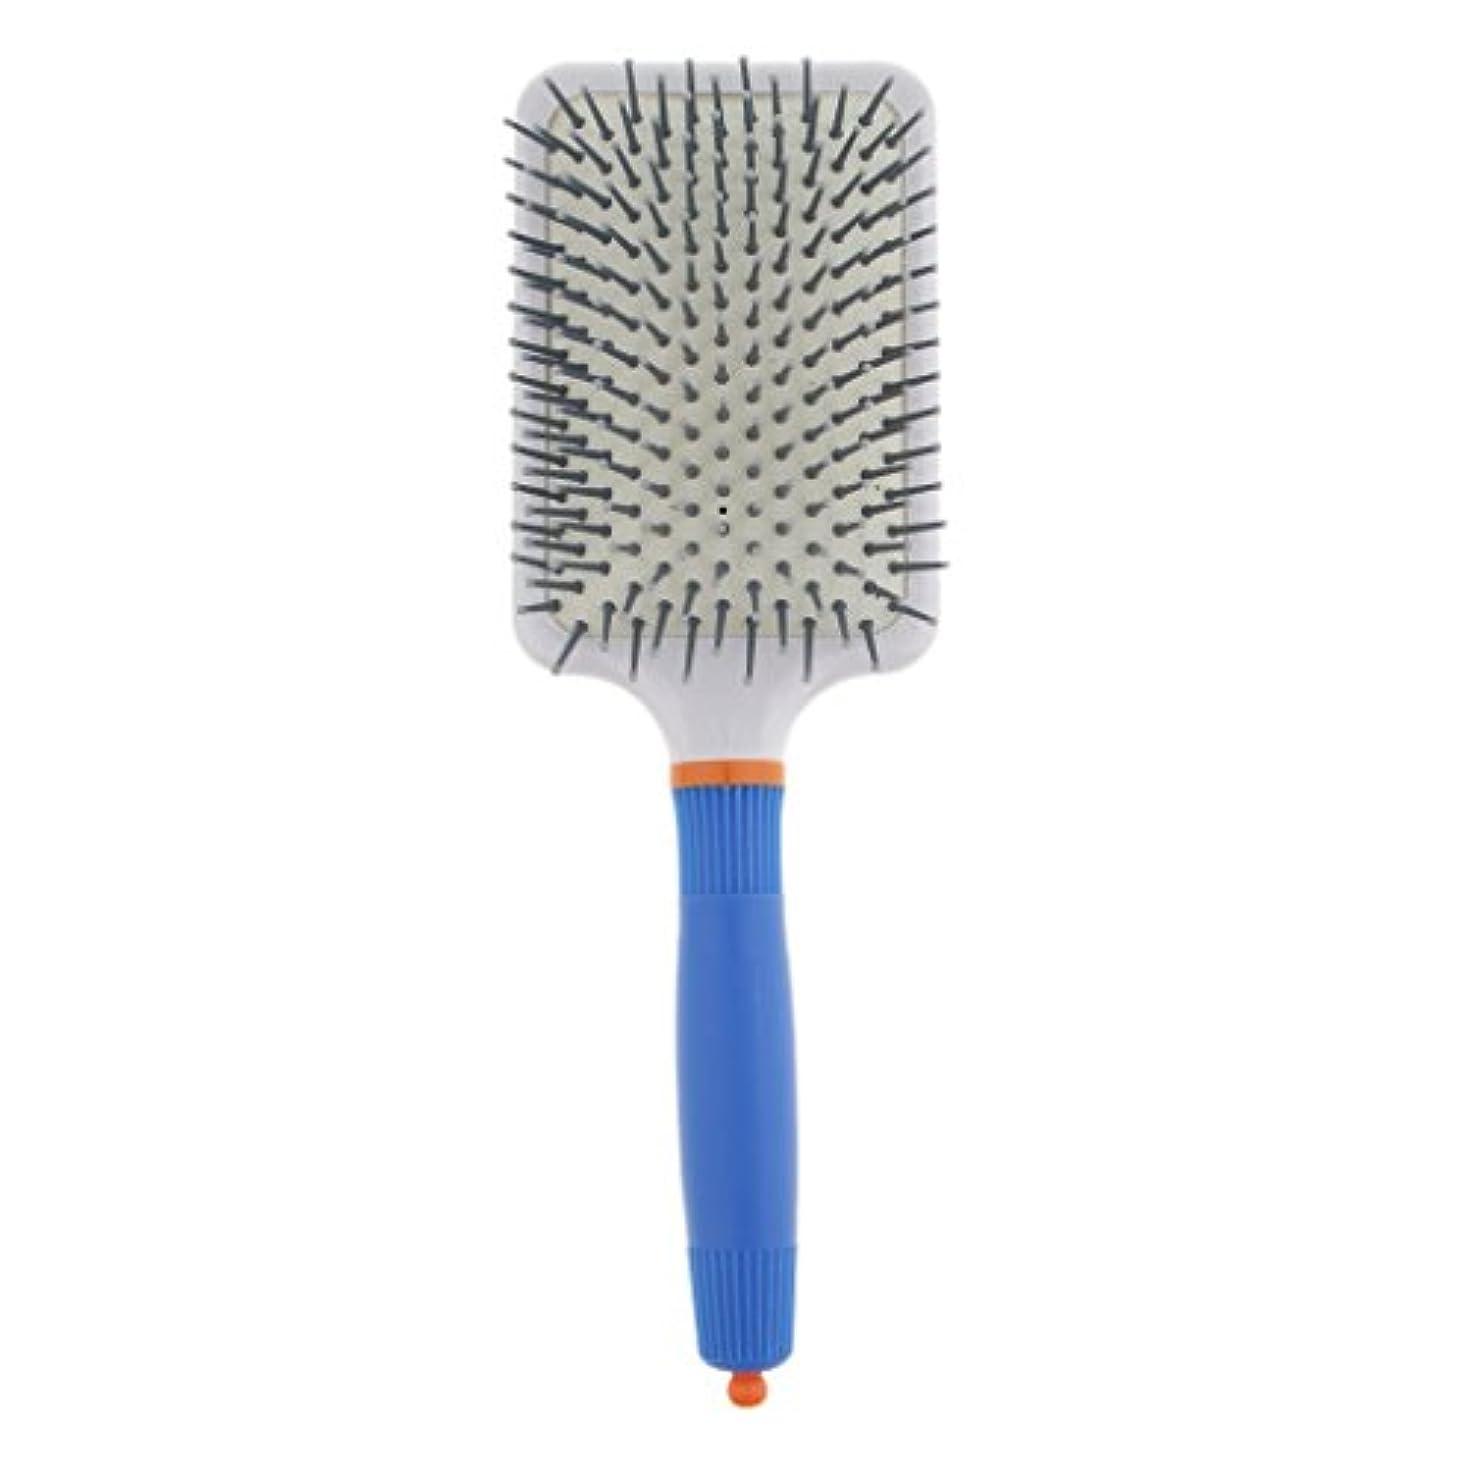 意欲等非互換T TOOYFUL プラスチック製 ブラシ 頭皮マッサージブラシ フラットヘアブラシ 櫛 静電気防止 全2色 - ダークブルー